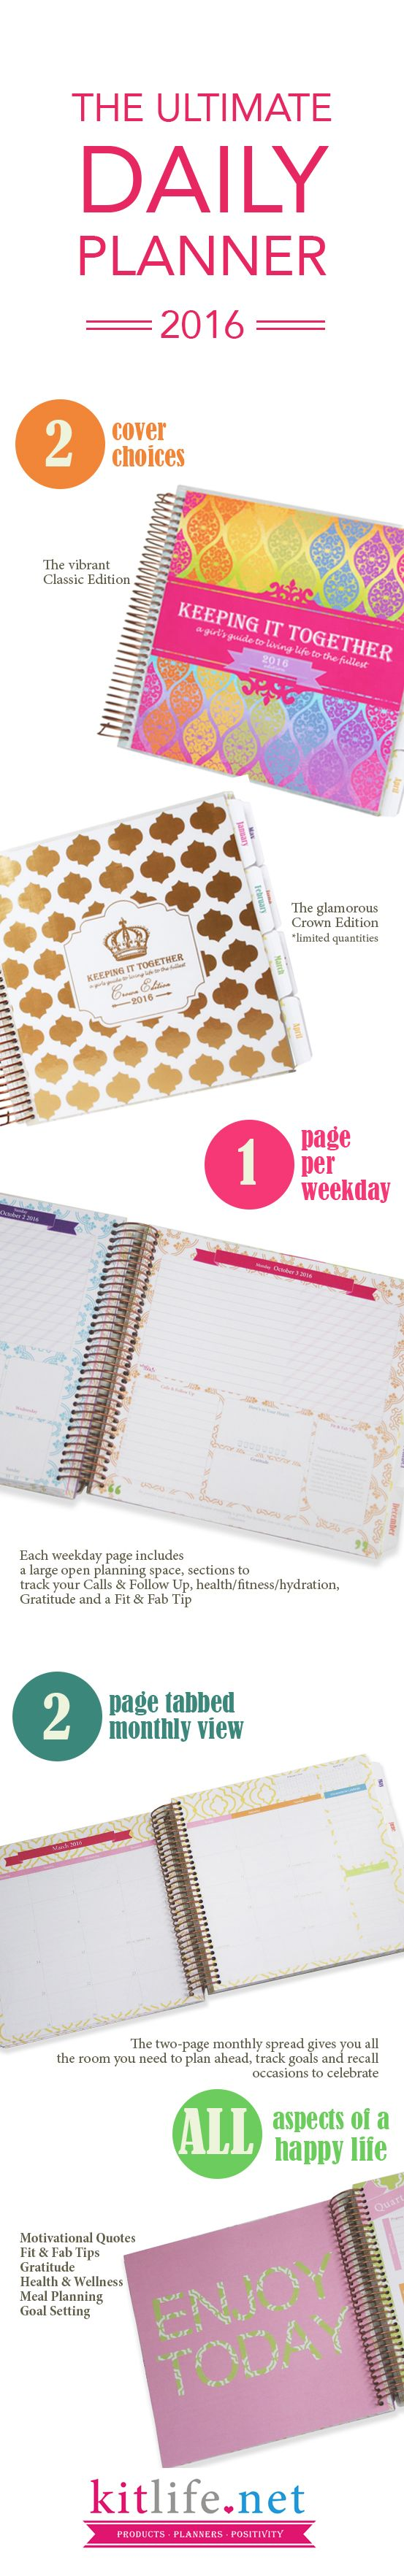 best online day planner